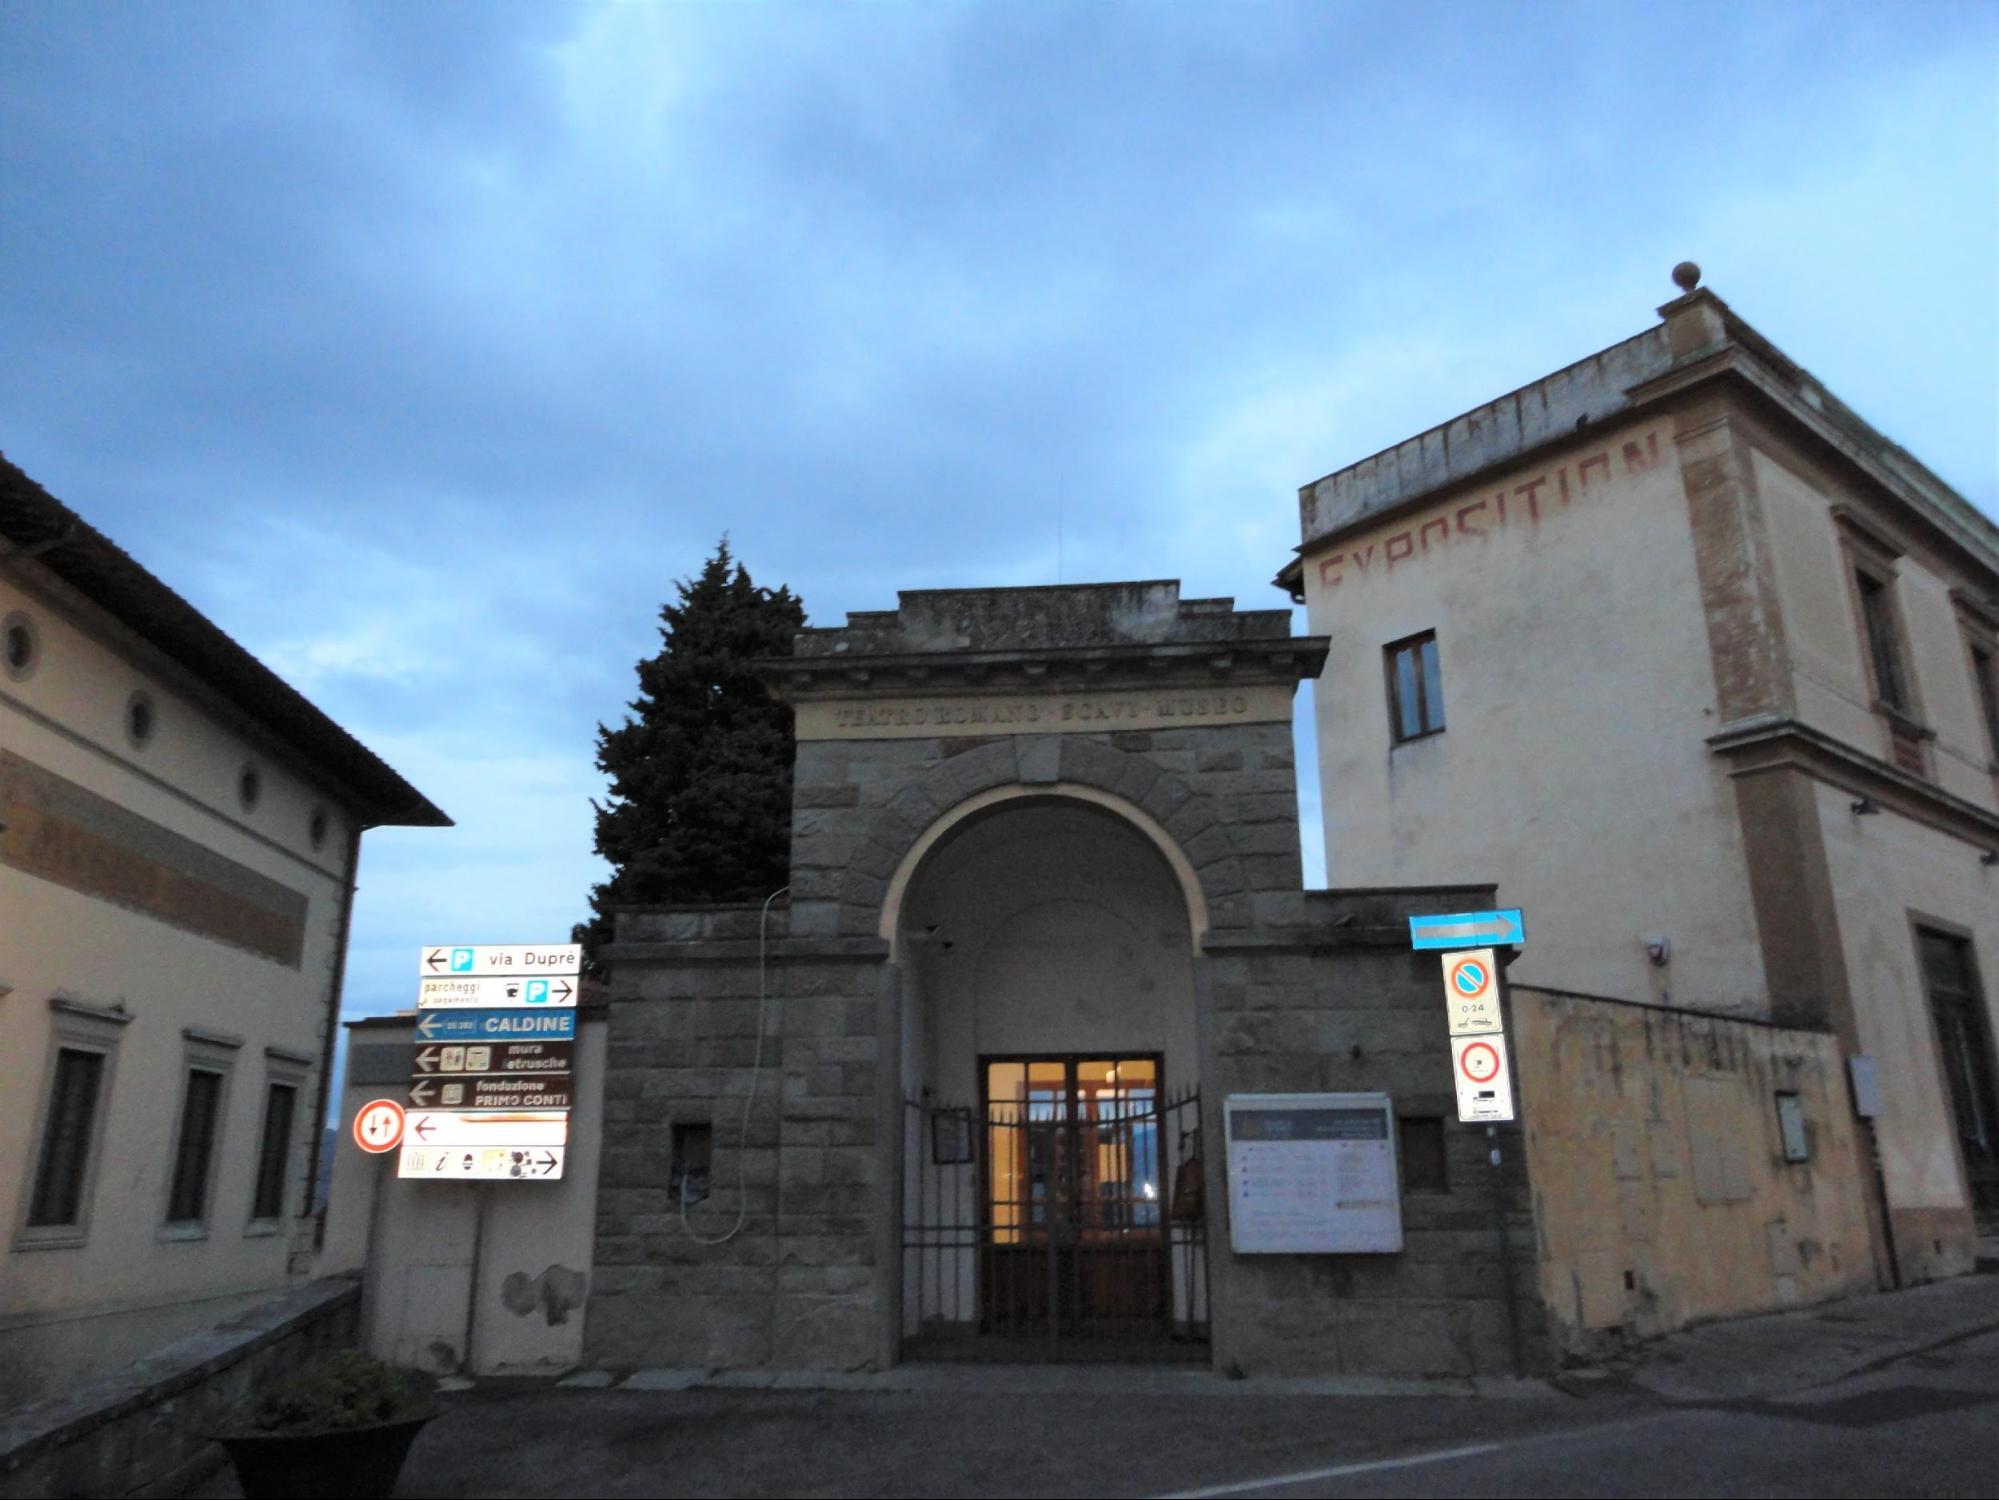 フィエーゾレ・遺跡地区、考古学博物館、バンディーニ美術館 入口 チケット売り場 (筆者撮影)